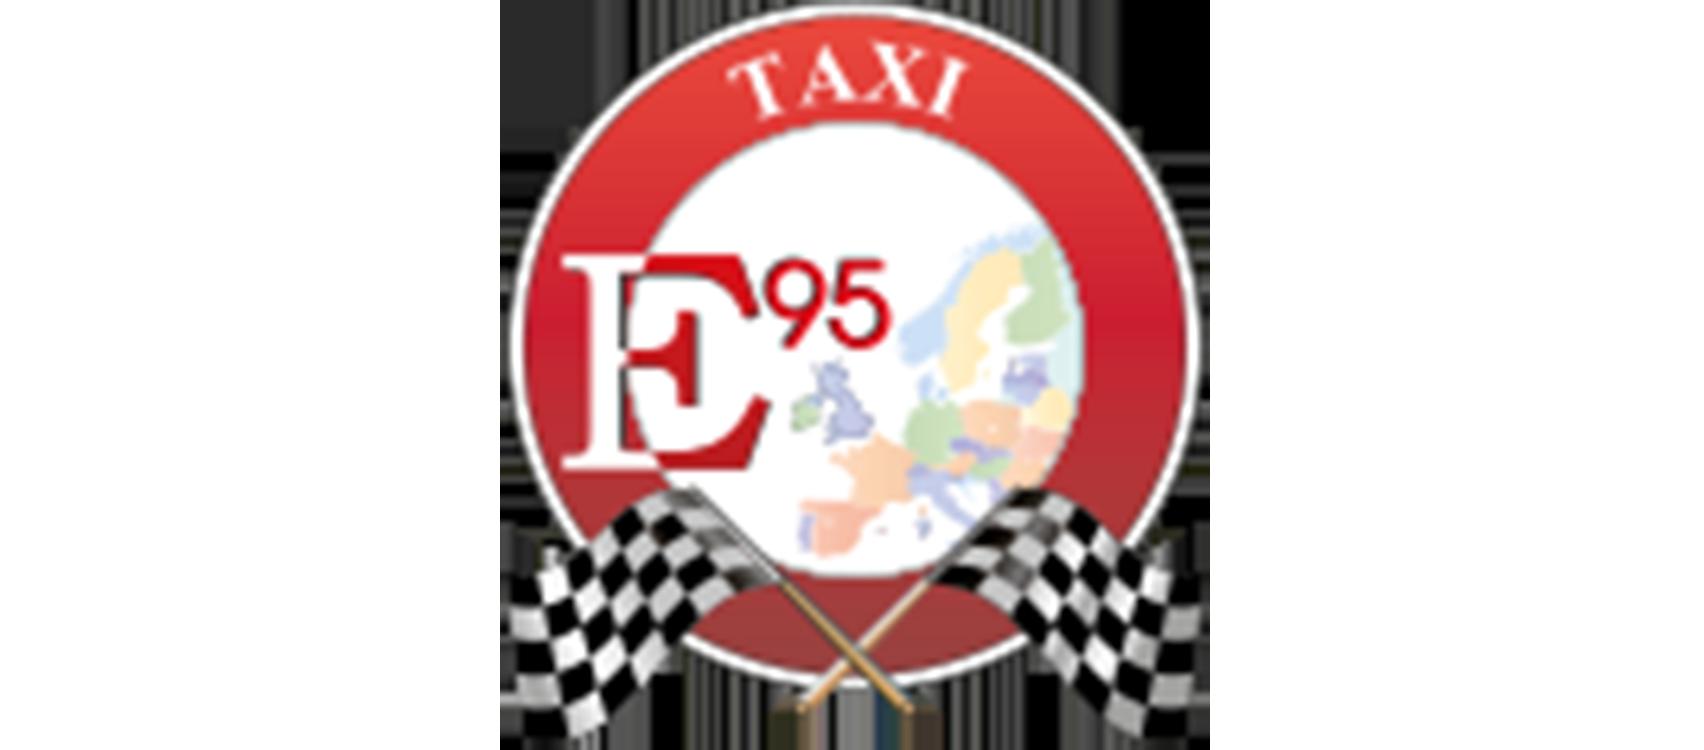 Таксі Е-95  (Одеса)